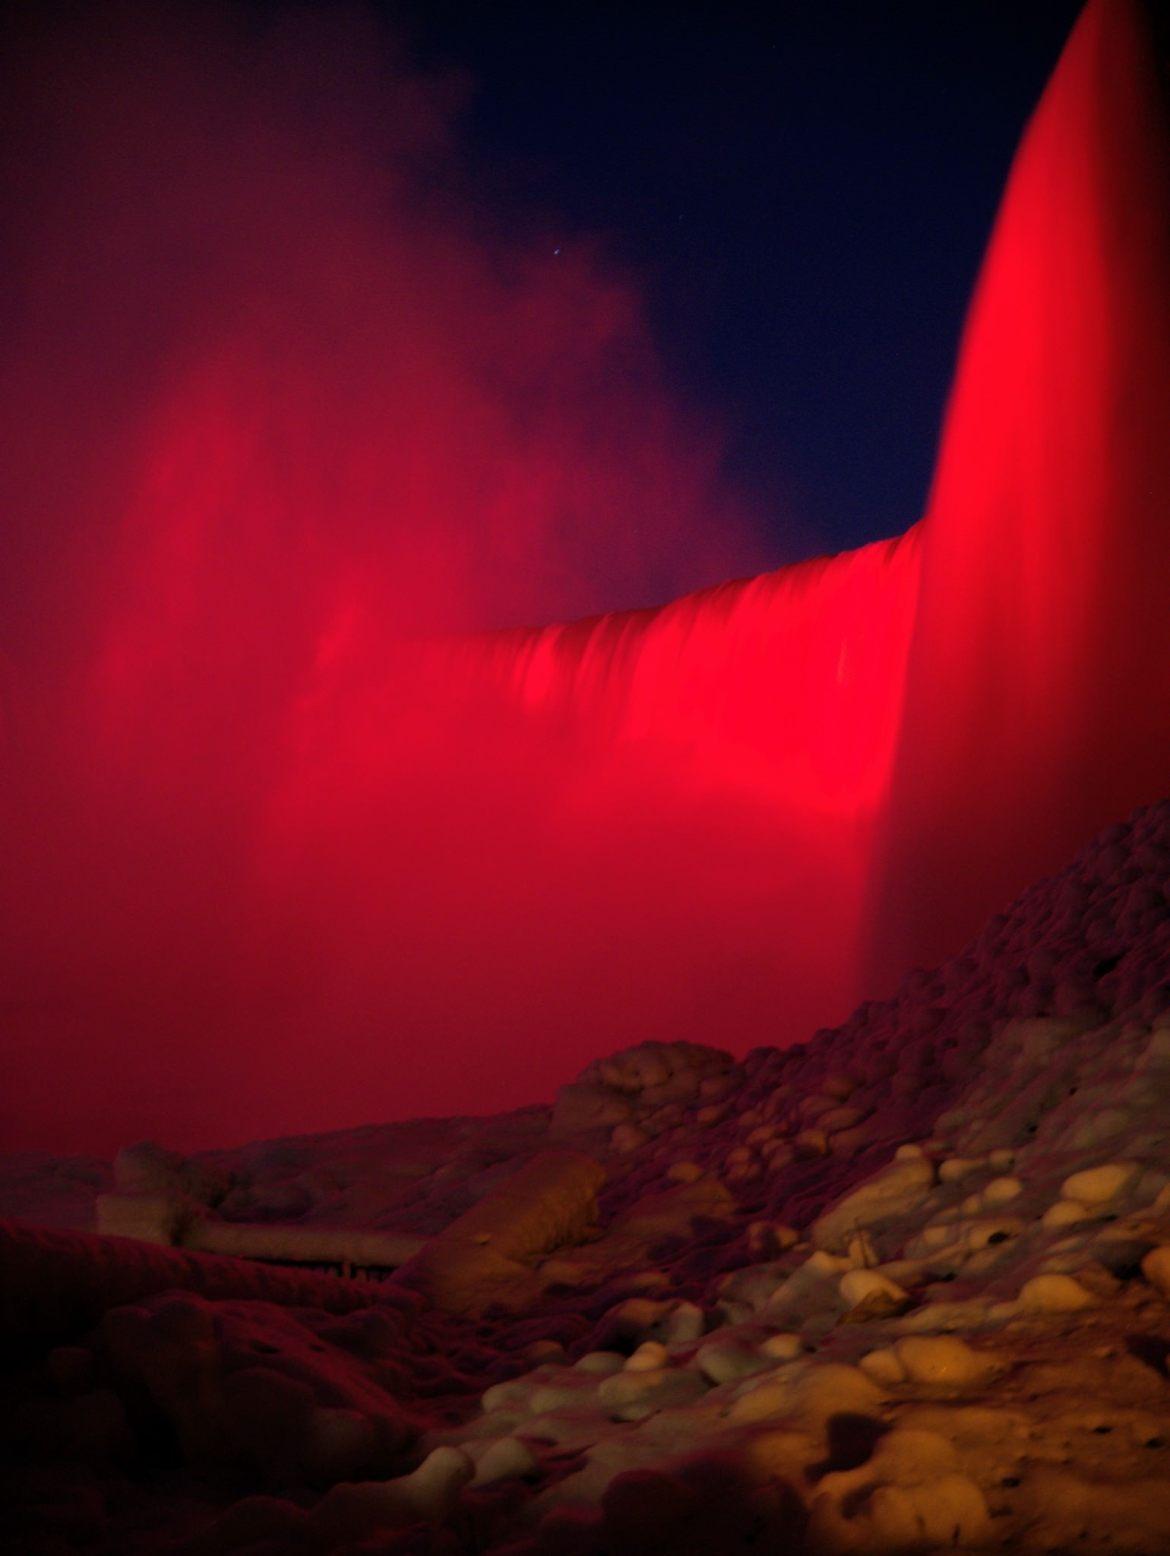 Czerwona podkowa